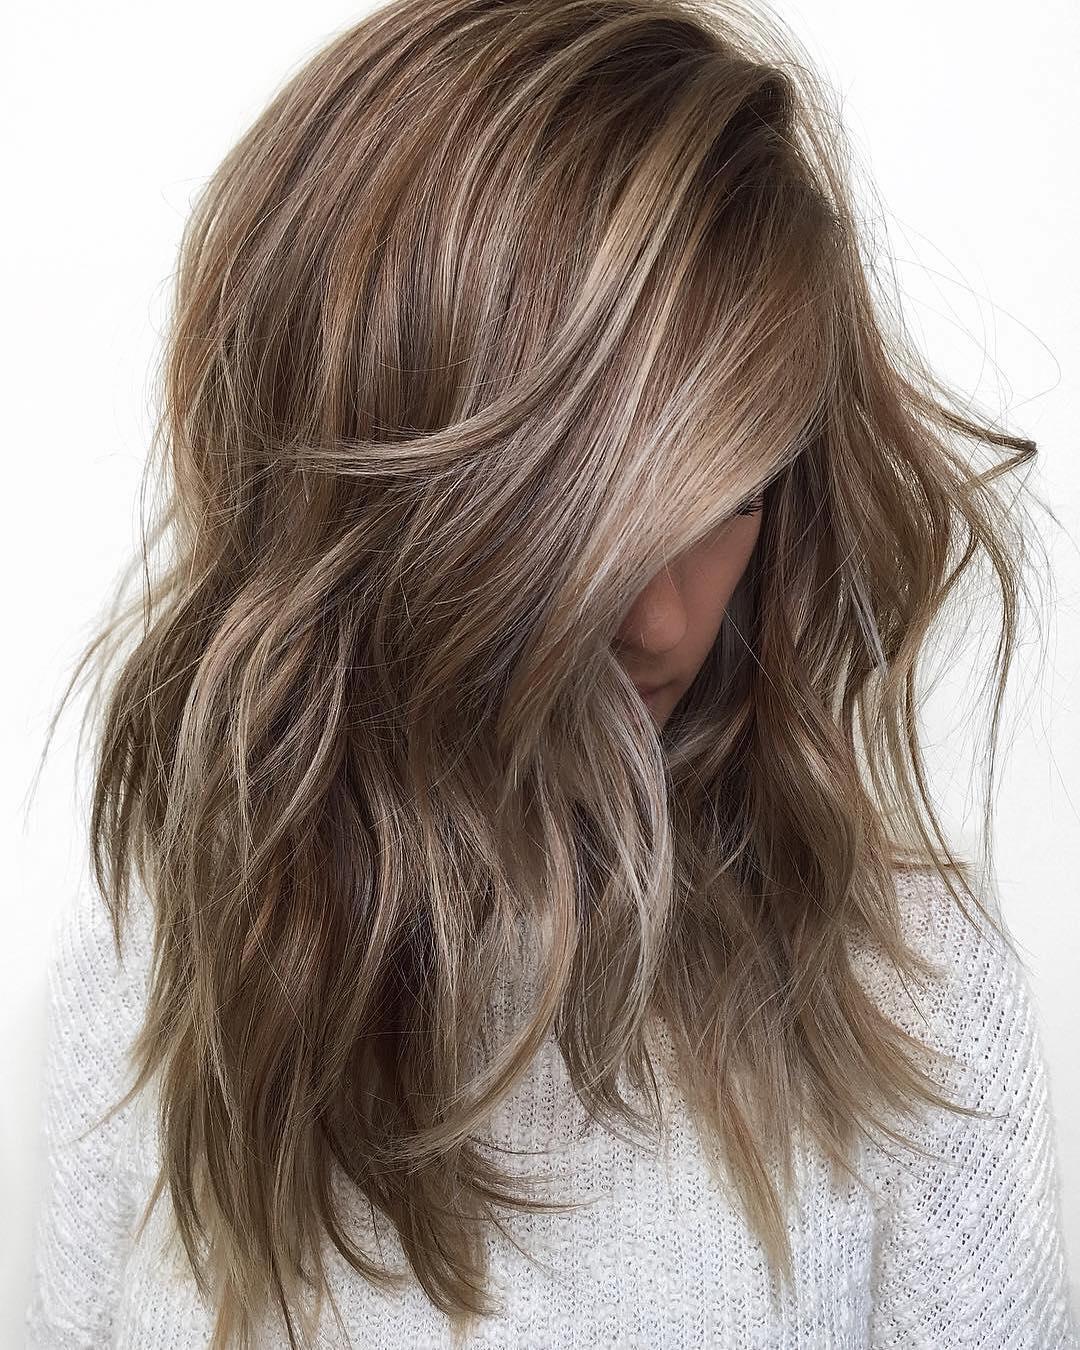 10 Awesome Long Haircut And Color Ideas 10 medium length hair color ideas 2019 2020